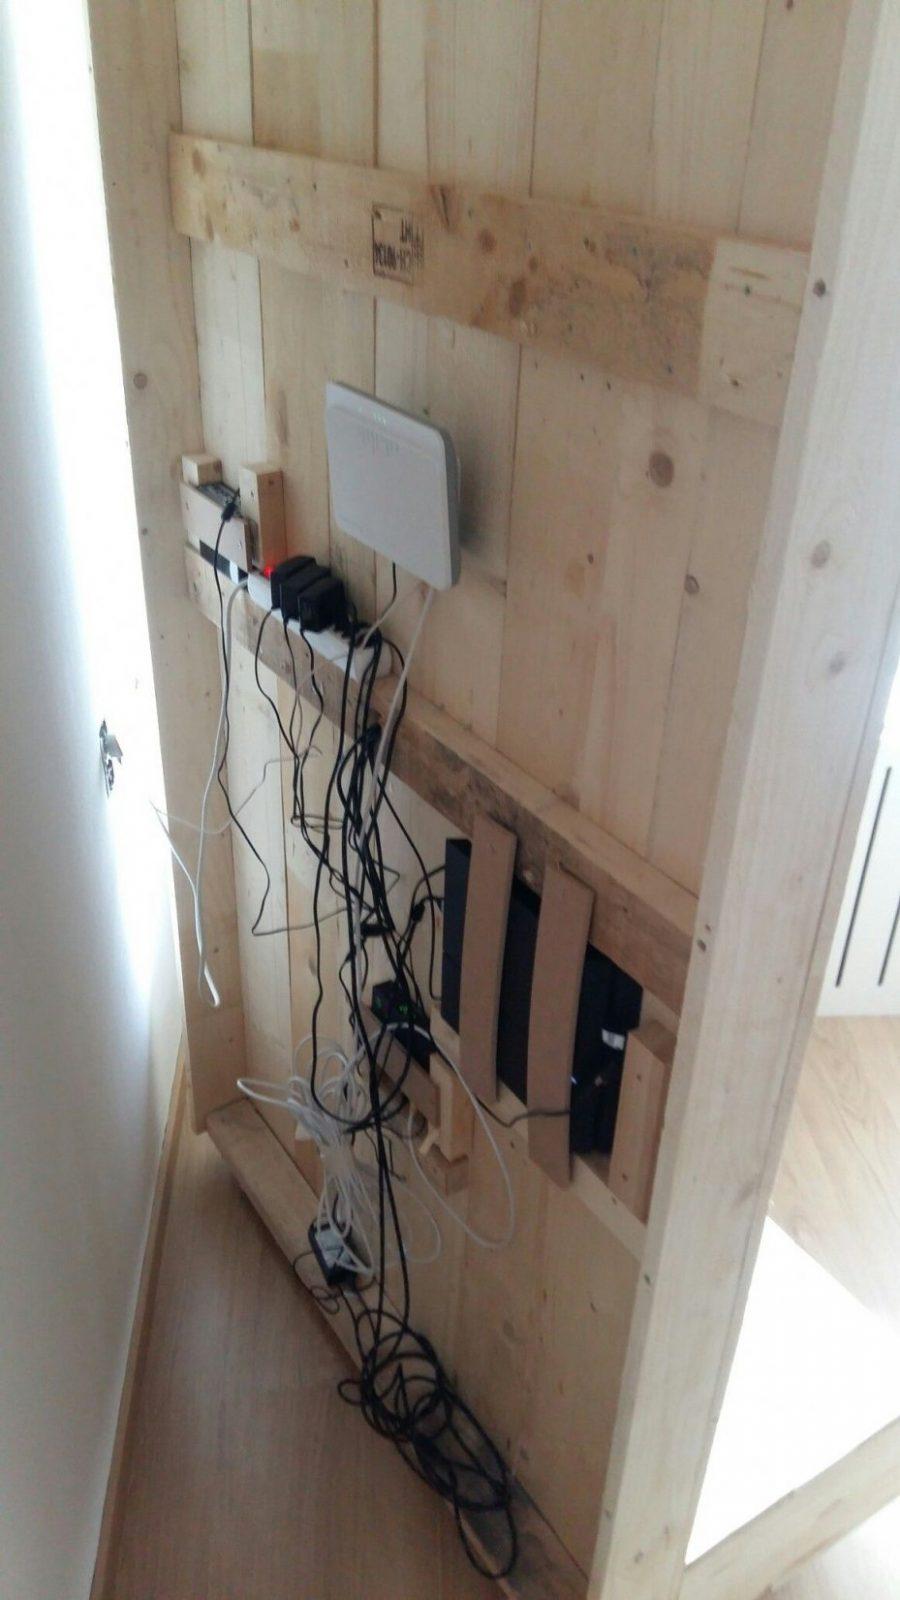 Tvrückwand Selbst Bauen Alle Kabel Verschwinden Hinter Der von Fernseher An Wand Kabel Verstecken Photo